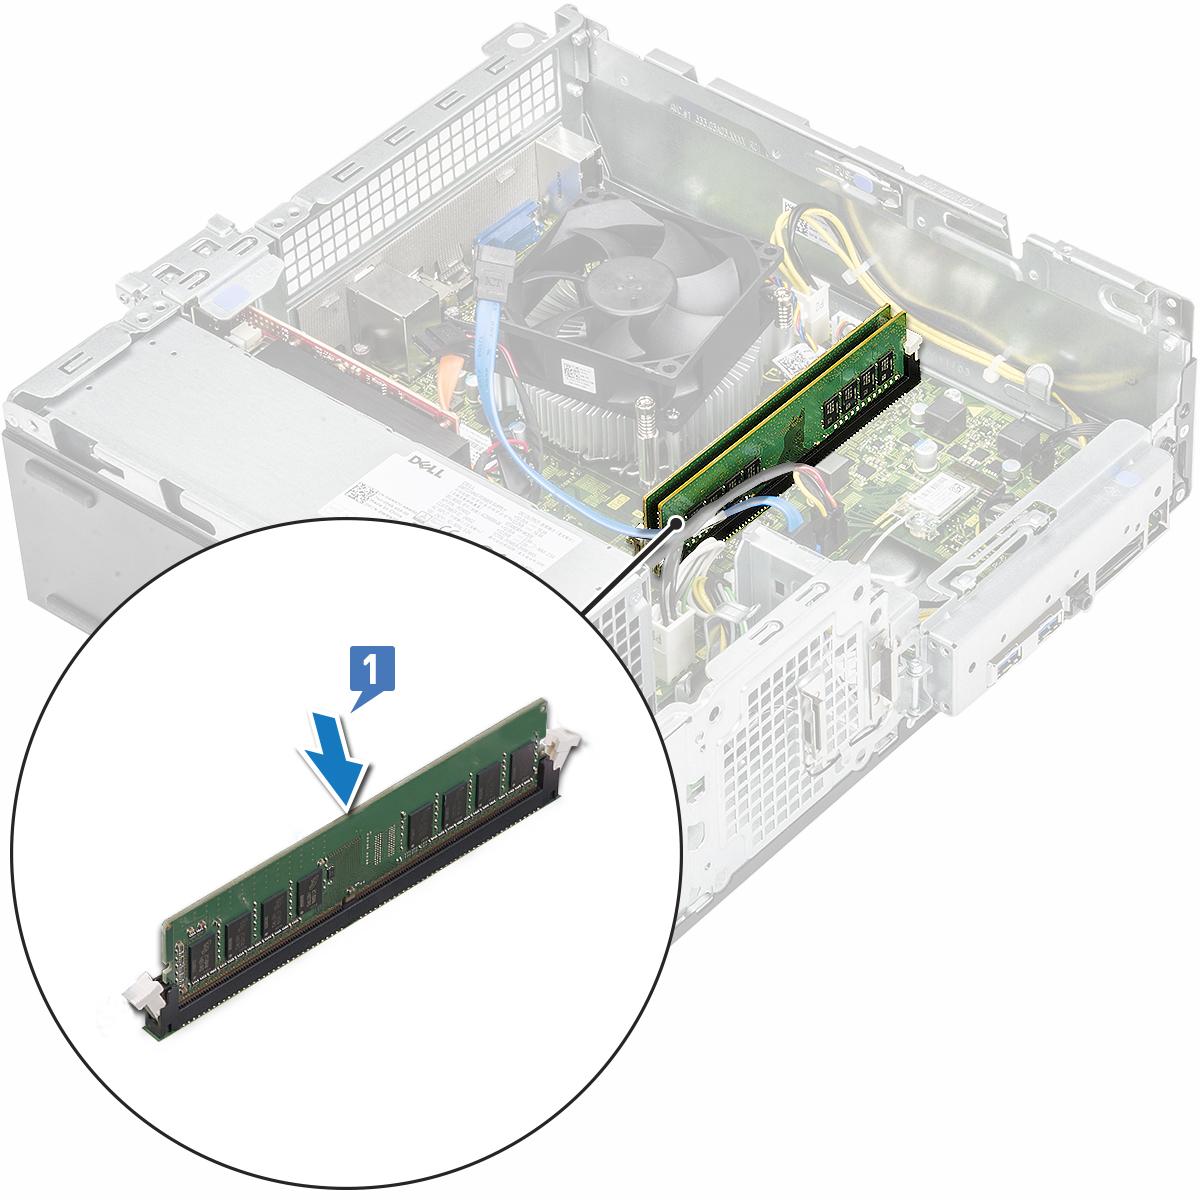 Slika prikazuje kako zamijeniti memorijski modul